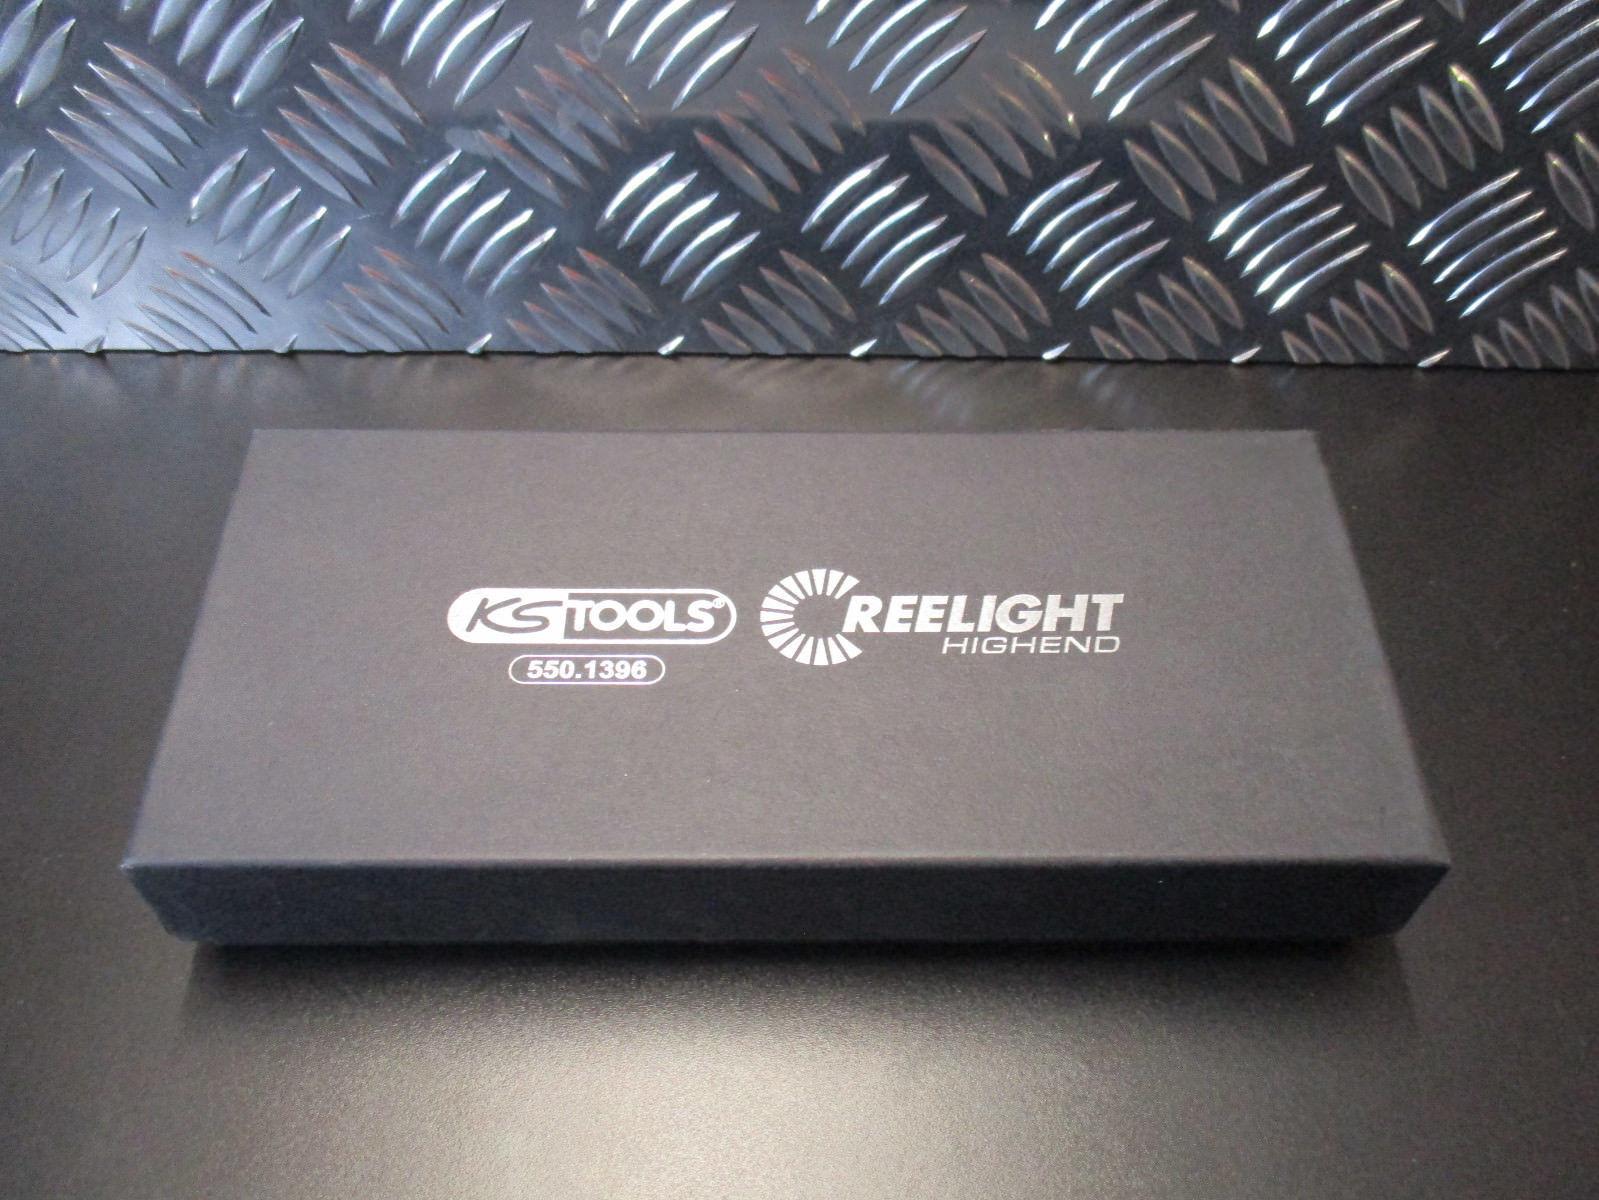 KS TOOLS CREE Handlampe 250 Lumen Werkstattleuchte Taschenlampe LED 550.1396